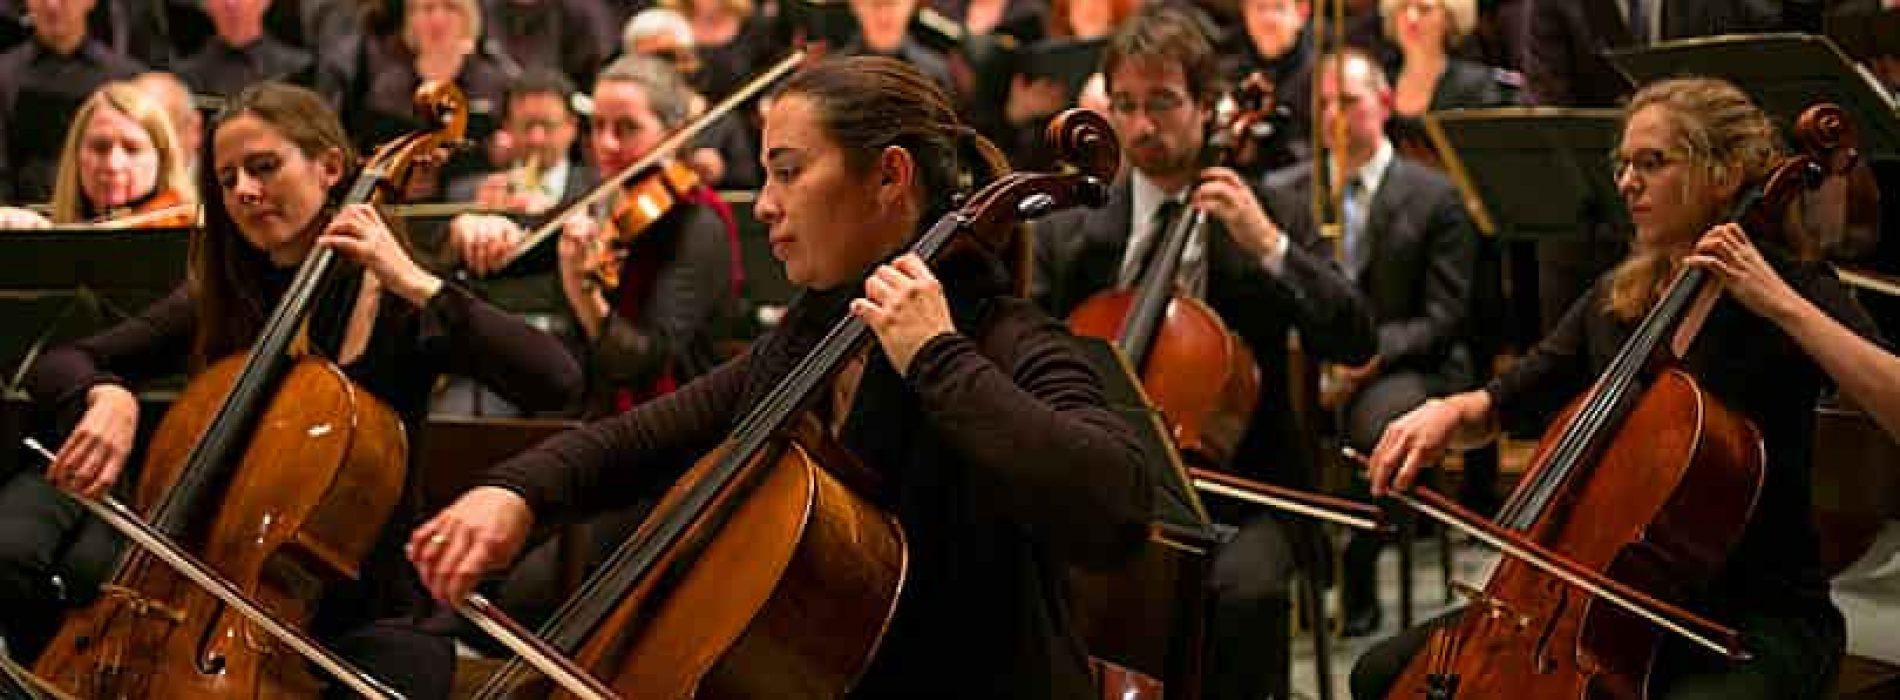 Musikkopplevelser – Opplev et spektrum av musikk